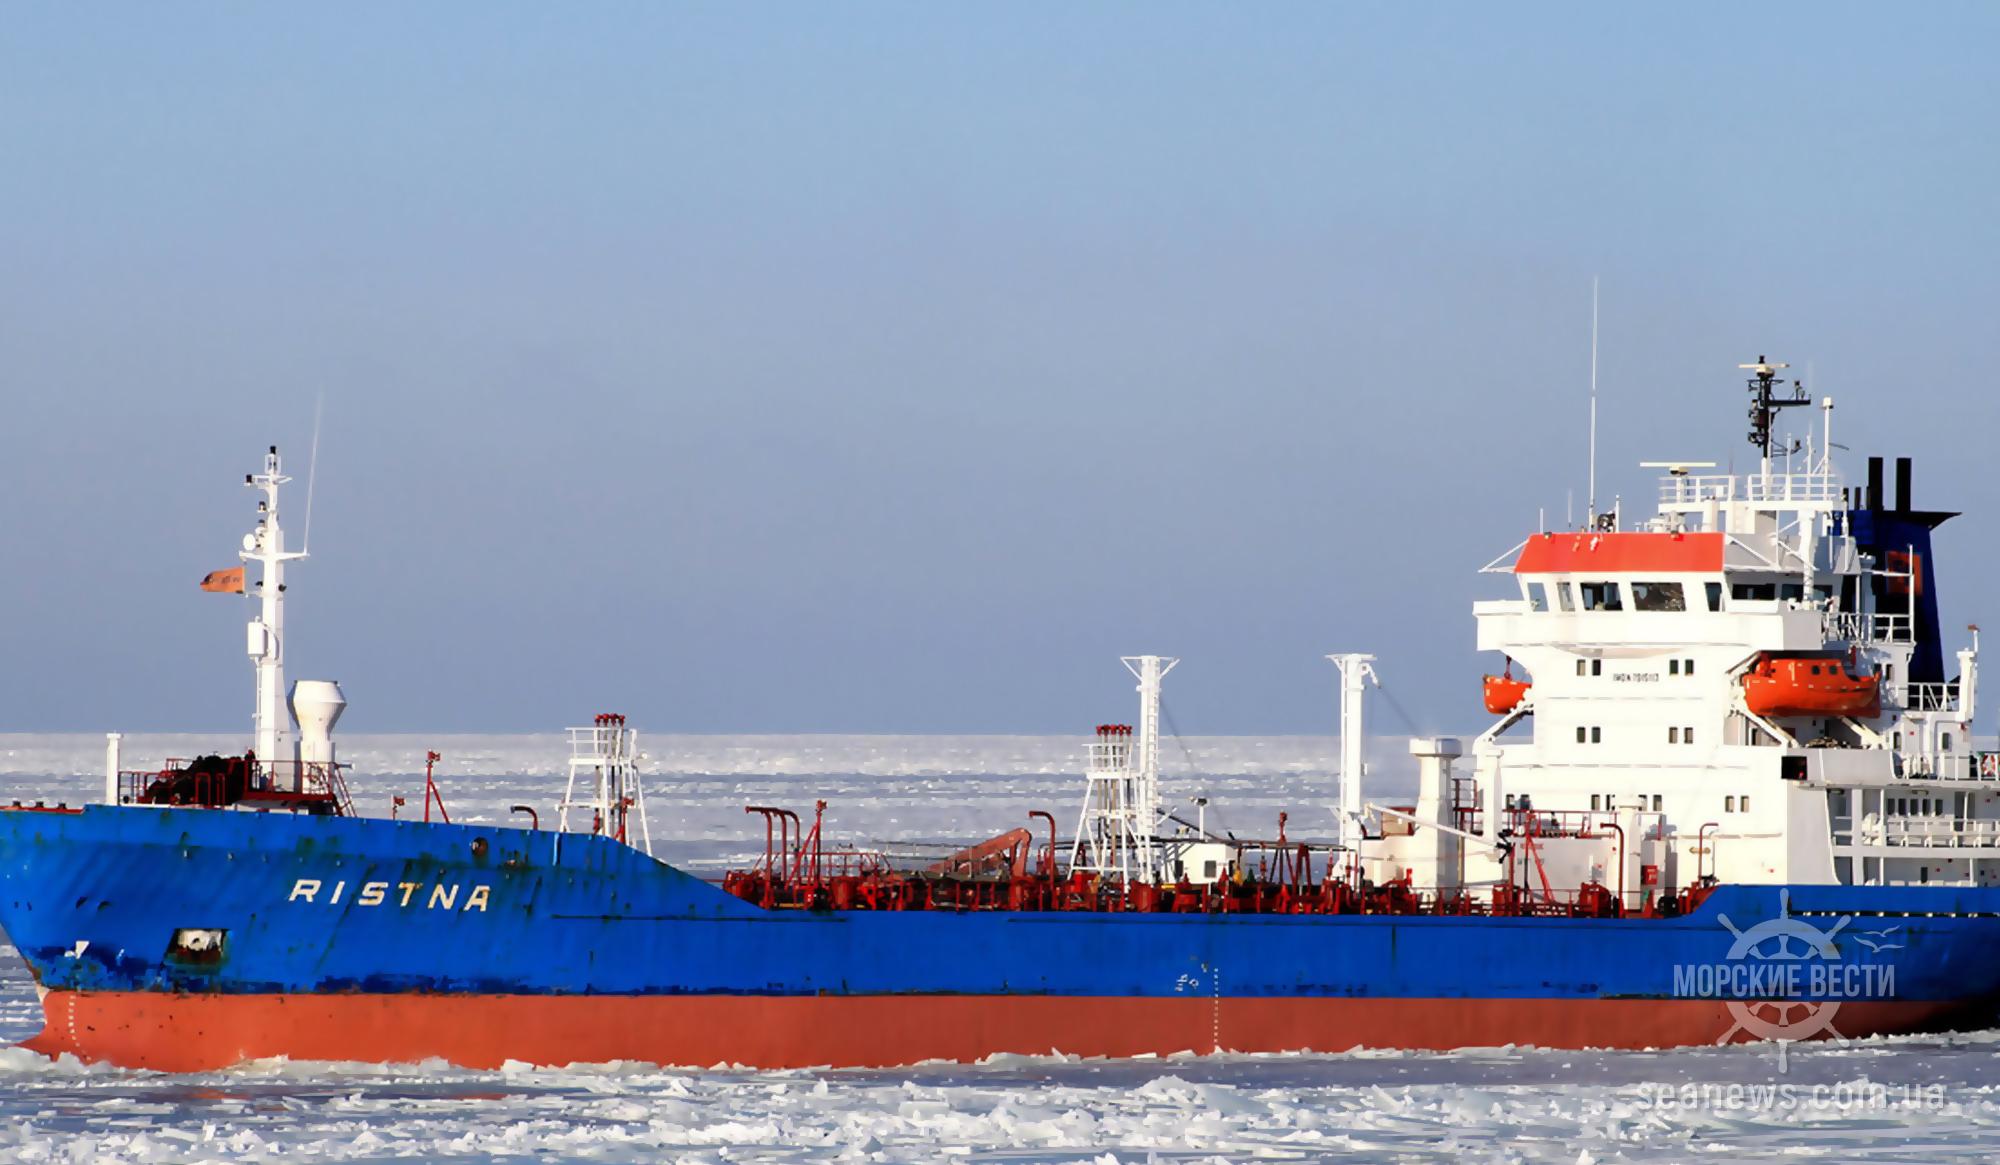 Первое крупное торговое судно вернулось под эстонский флаг